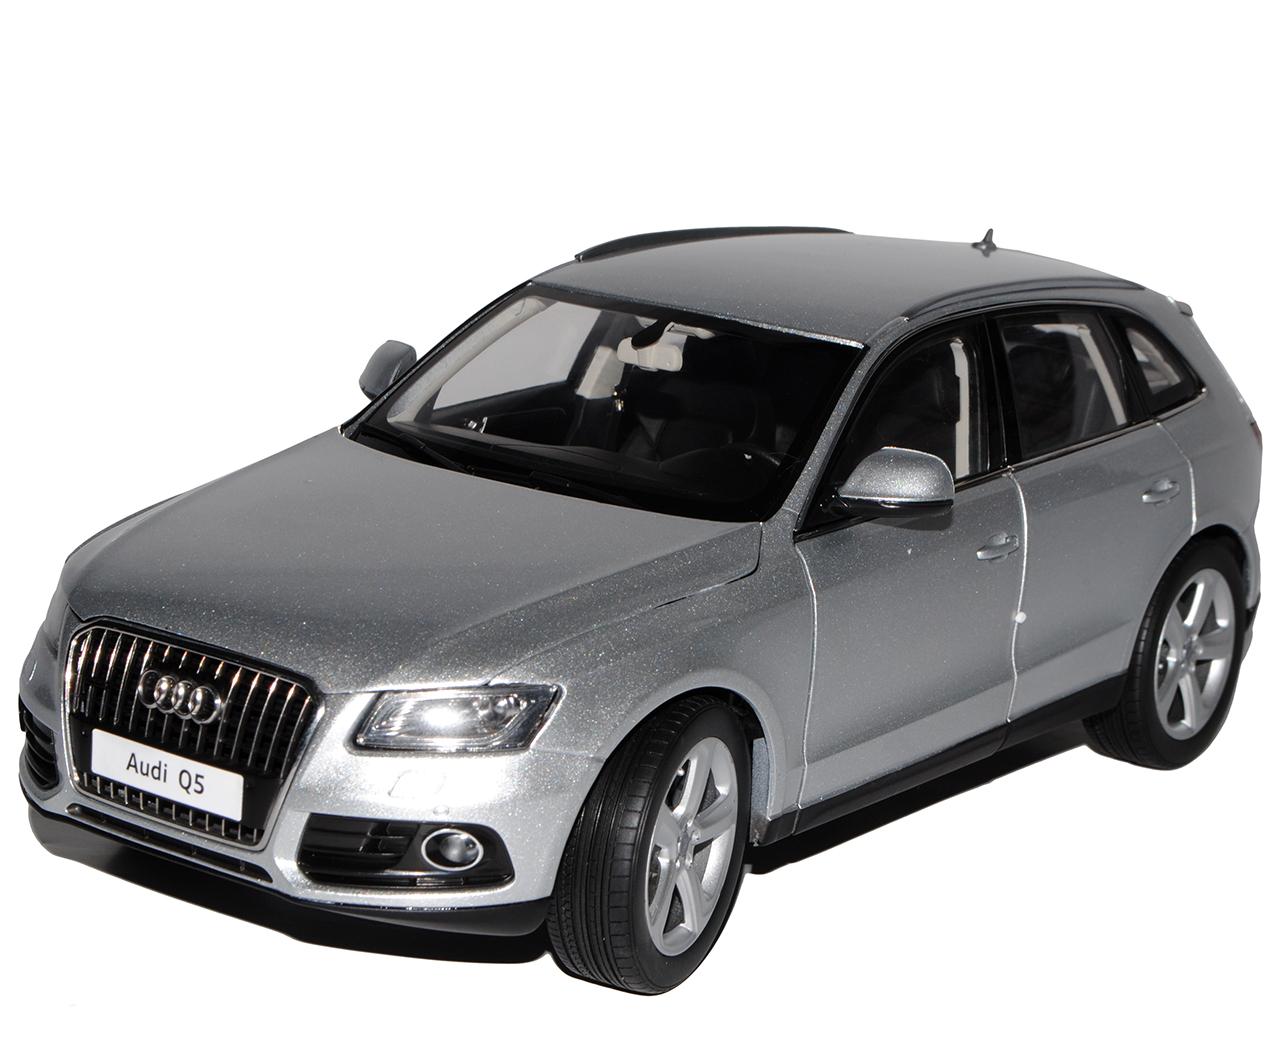 Audi q5 S-Line glace glace glace argent modèle à partir de 2008 à Partir Facelift 2012 1/18 KYOSHO modèle A.. | Finement Traité  6b03b8